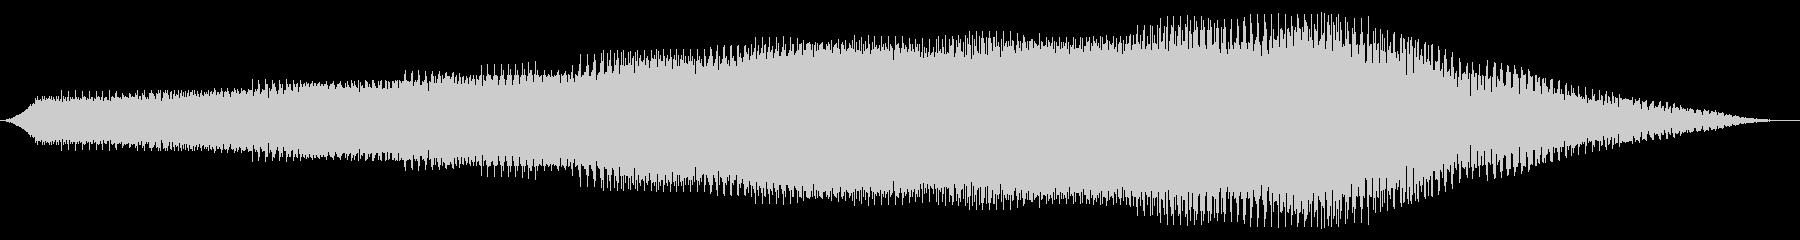 長いブザー付きスタッター変換の未再生の波形